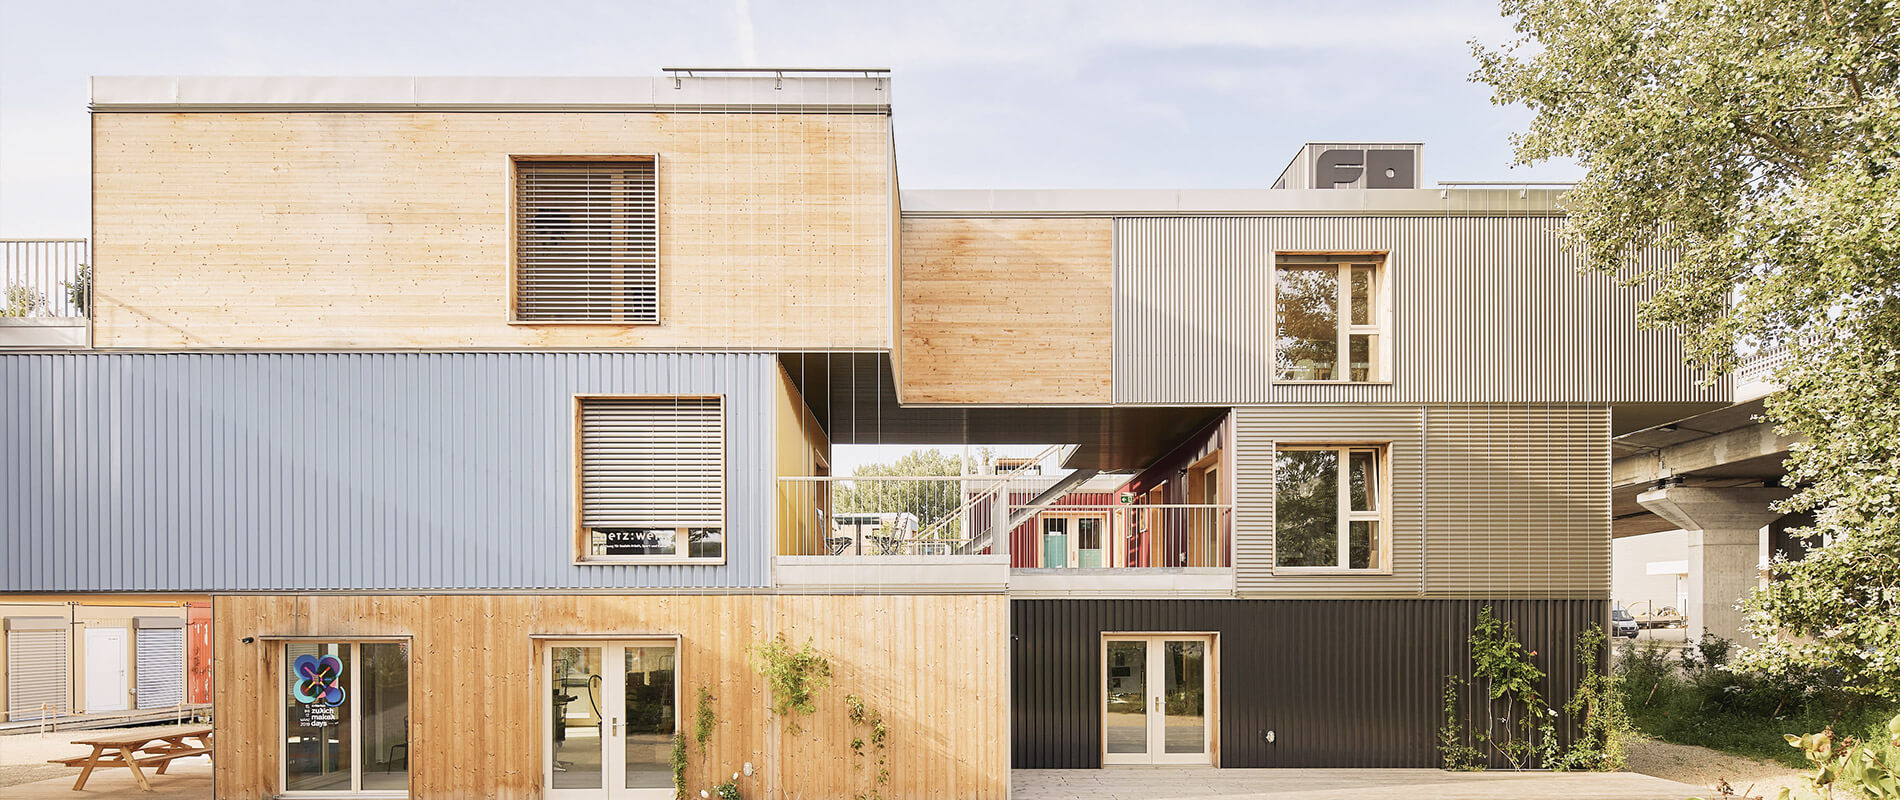 Architekturmodell |Wohn- und Gewerbesiedlung Zürich Altstetten, Geerenweg |Referenz |Ettinger Partner